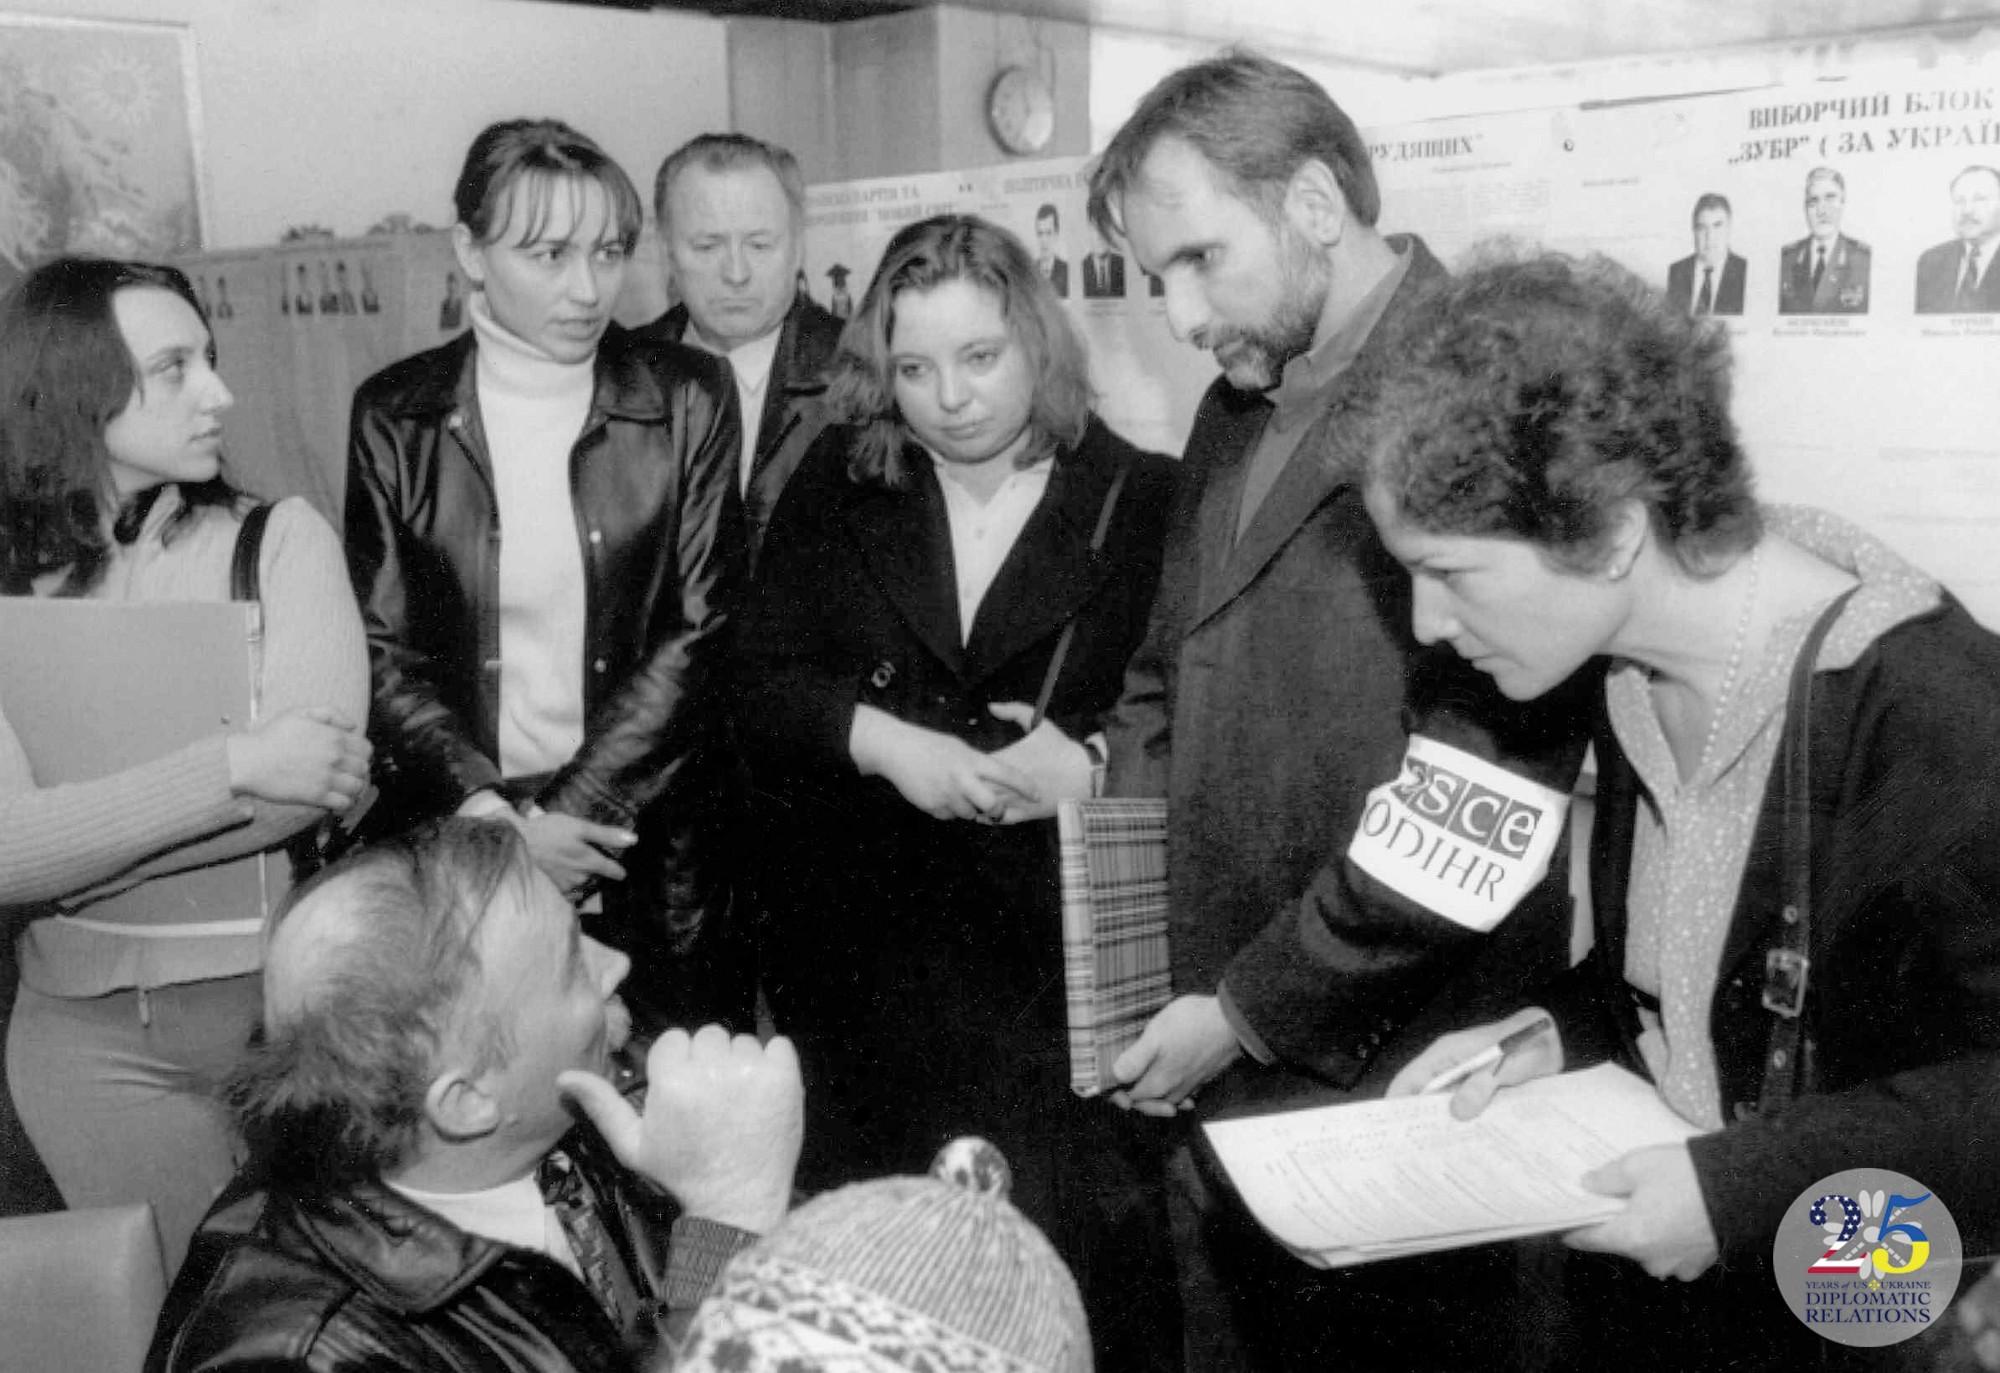 Мониторинг выборов в Украине в 2002 году.